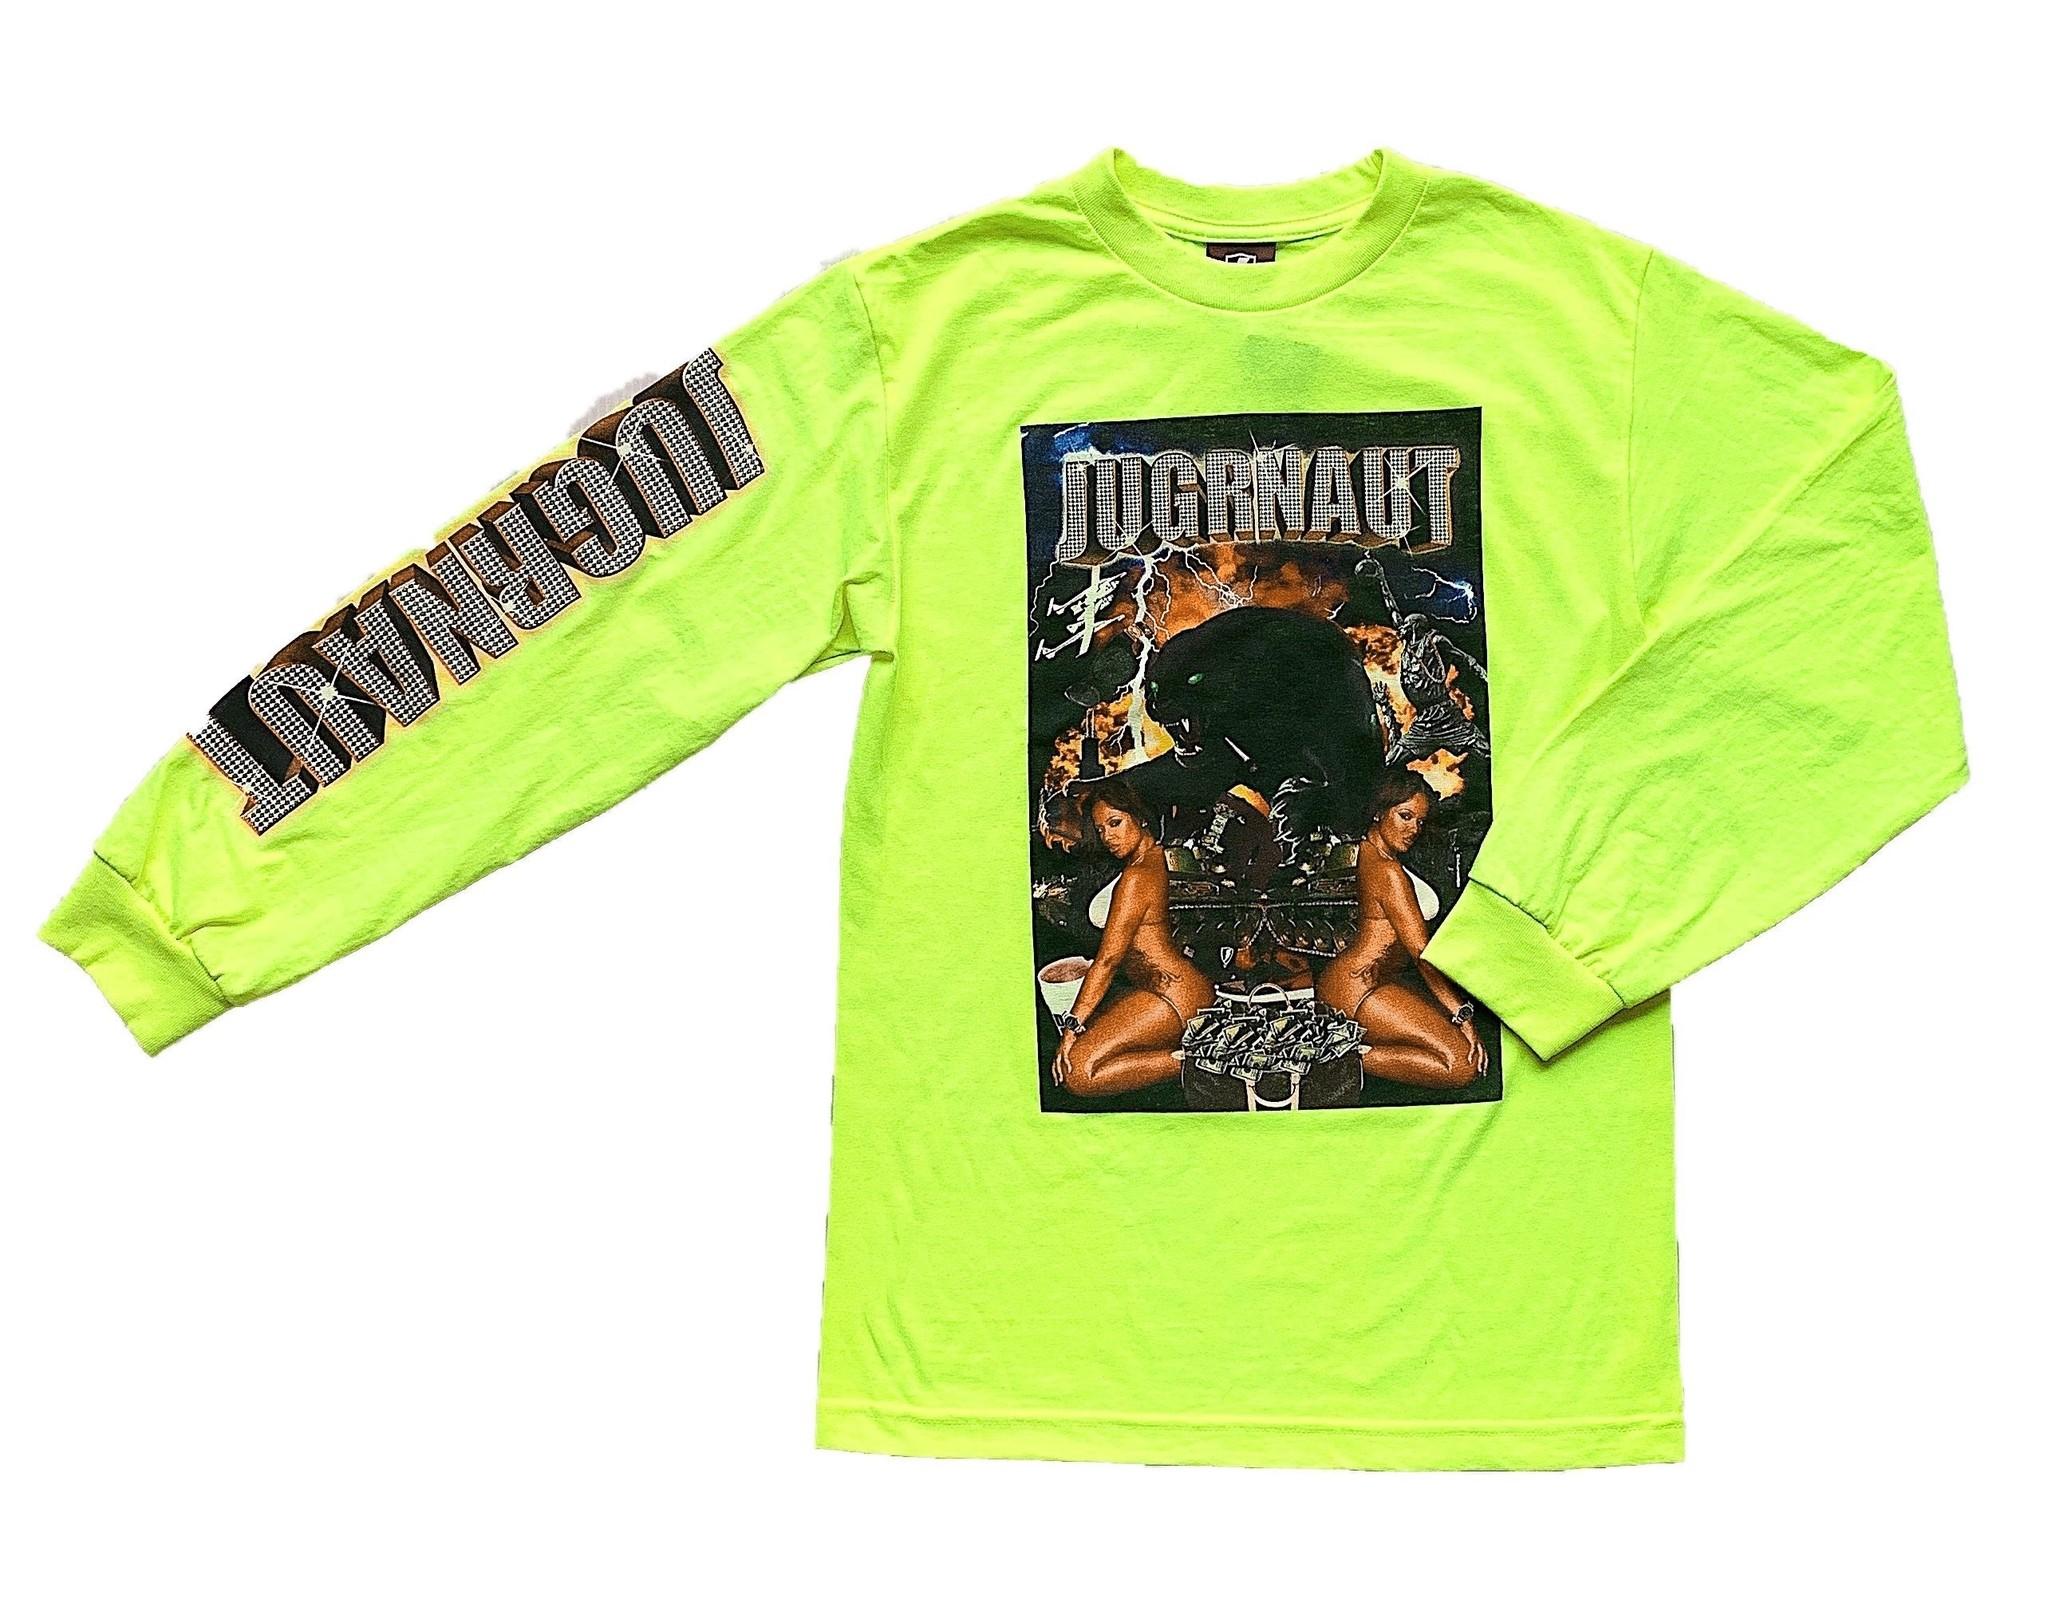 Jugrnaut Jugrnaut Bout it L/S Safety Green